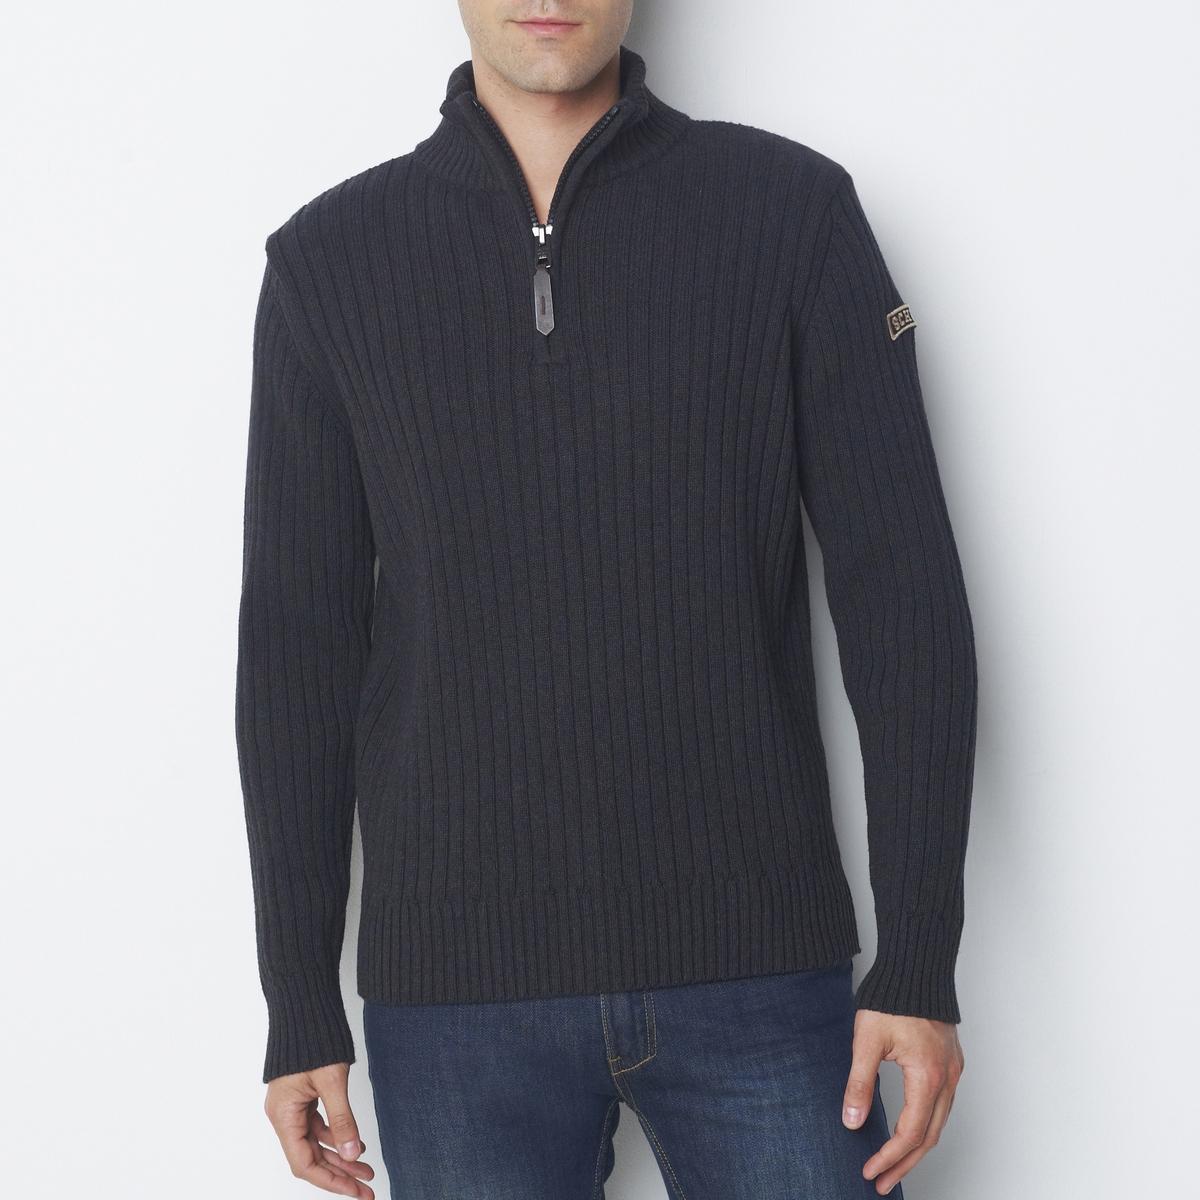 Пуловер La Redoute С воротником-стойкой из тонкого трикотажа 3XL серый jd коллекция серый цвет серый 3xl